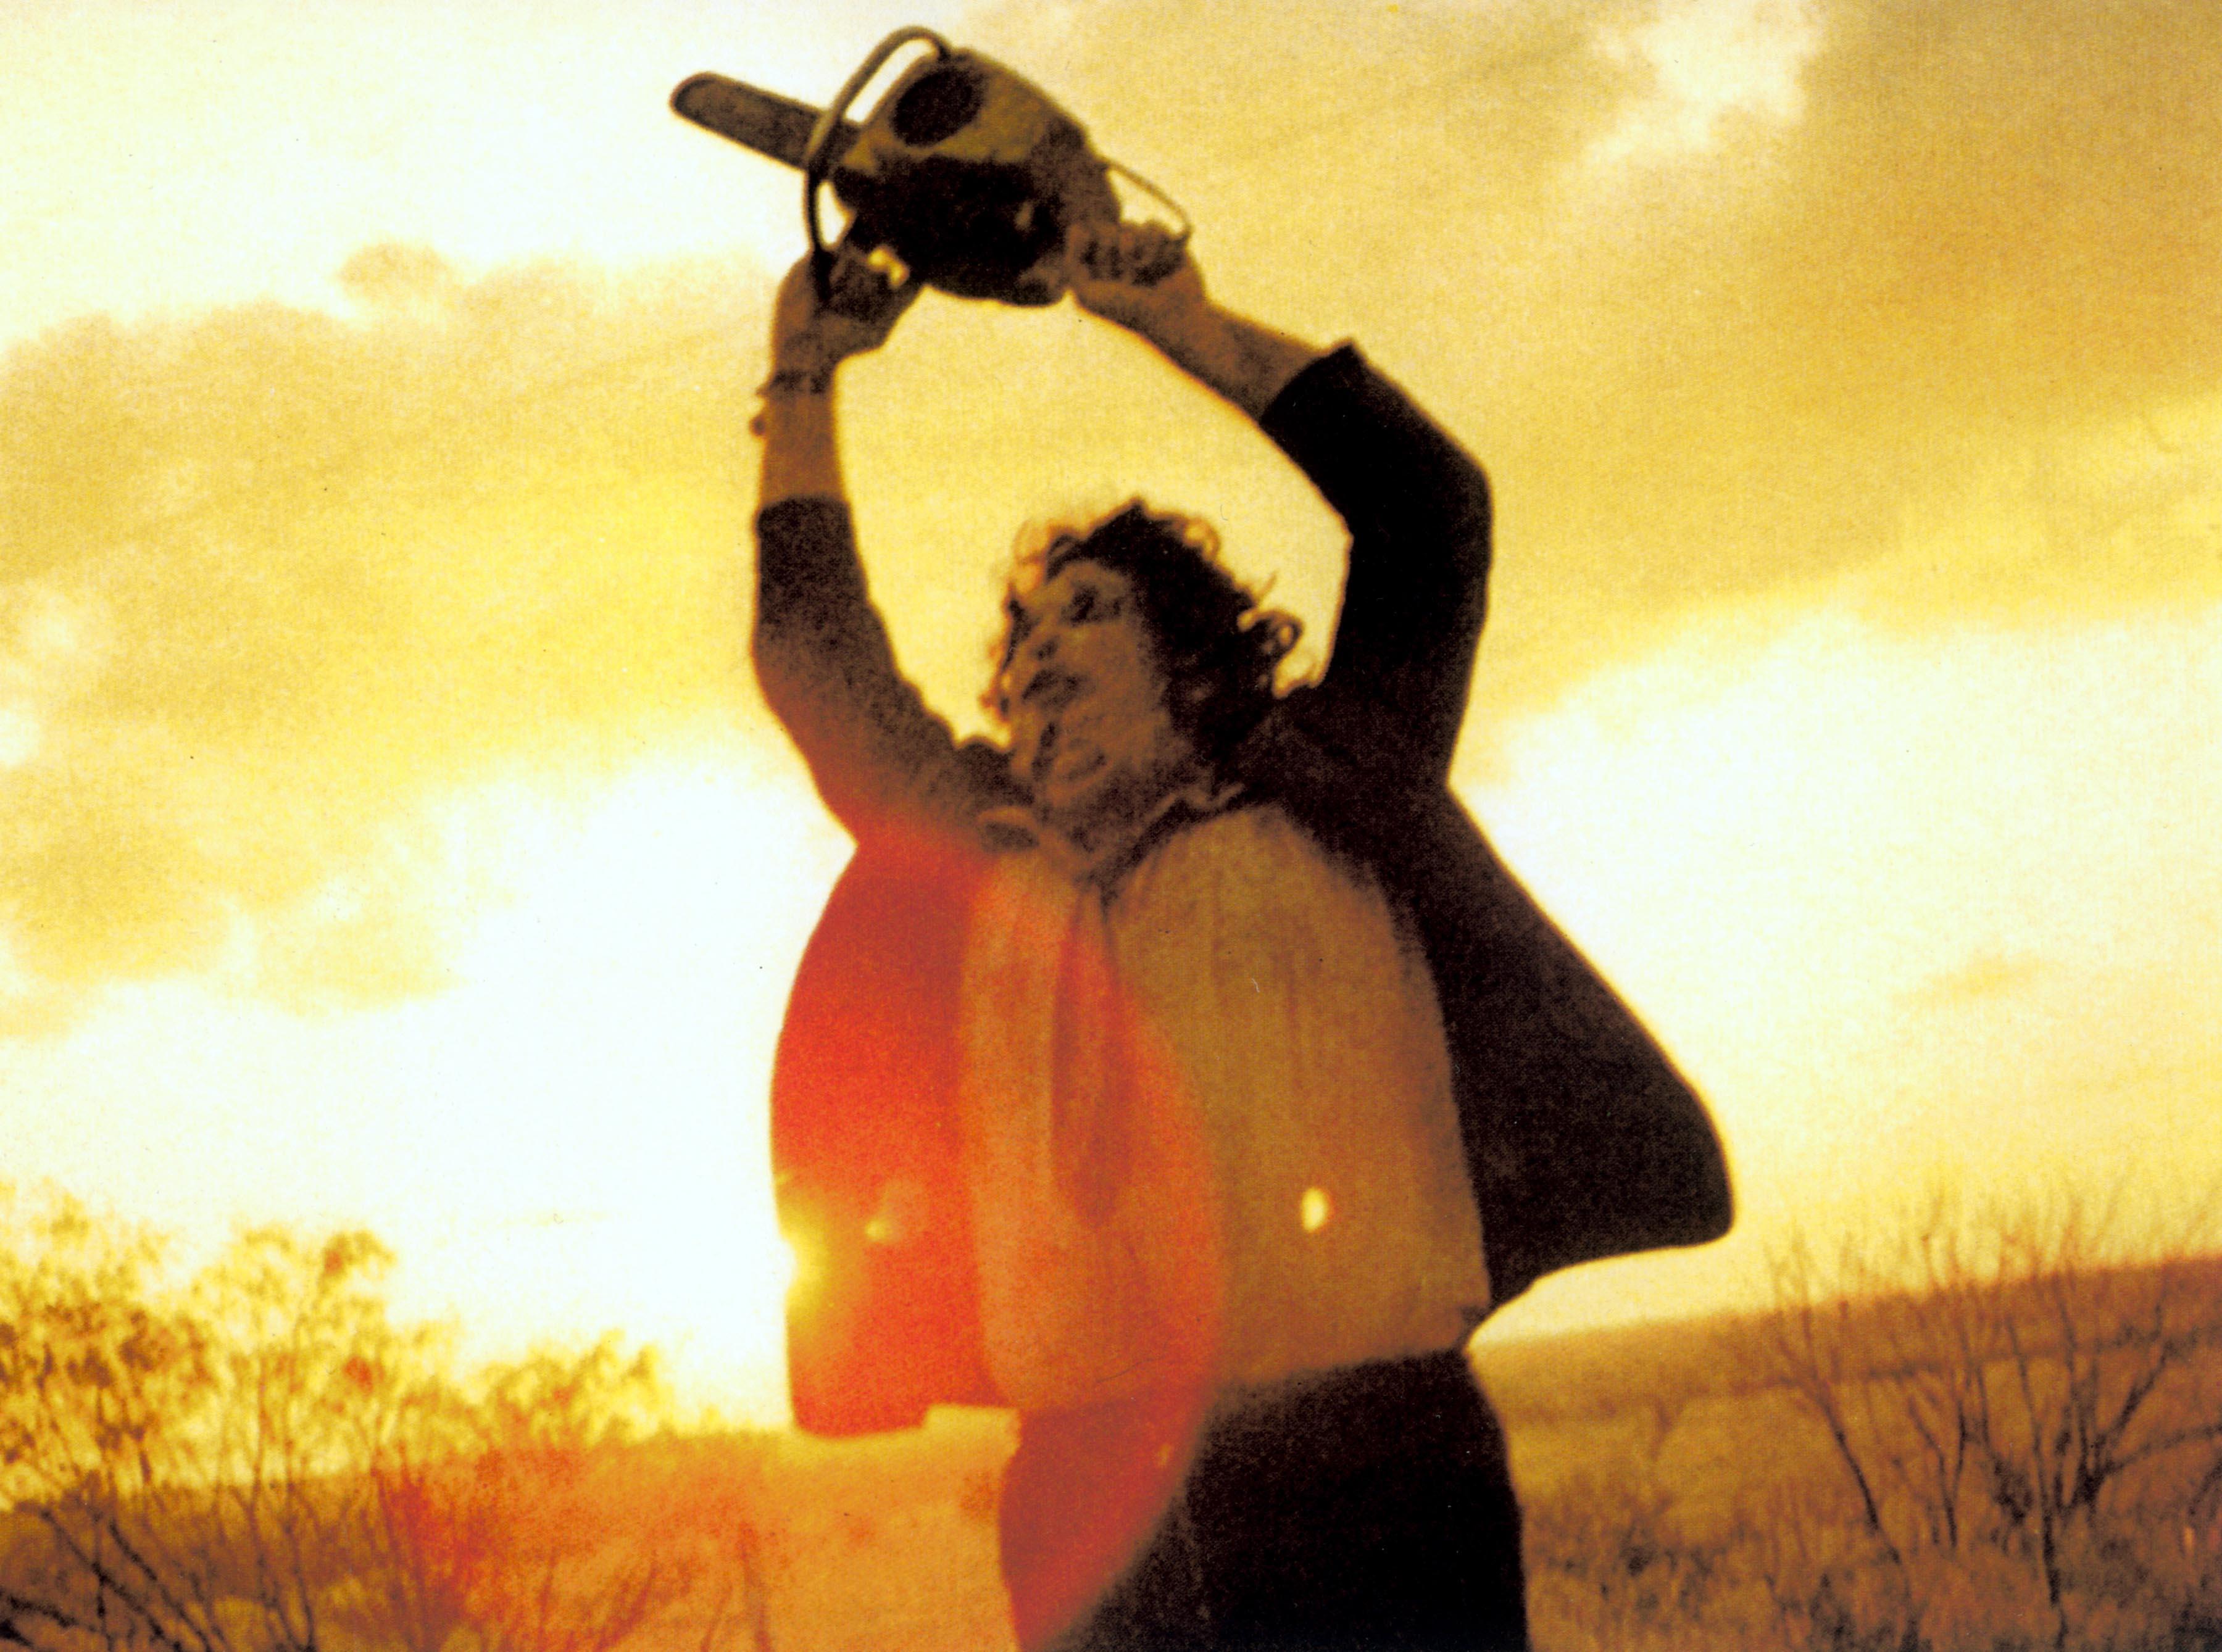 Don't Breathe' Helmer Fede Álvarez to Produce 'Texas Chainsaw ...